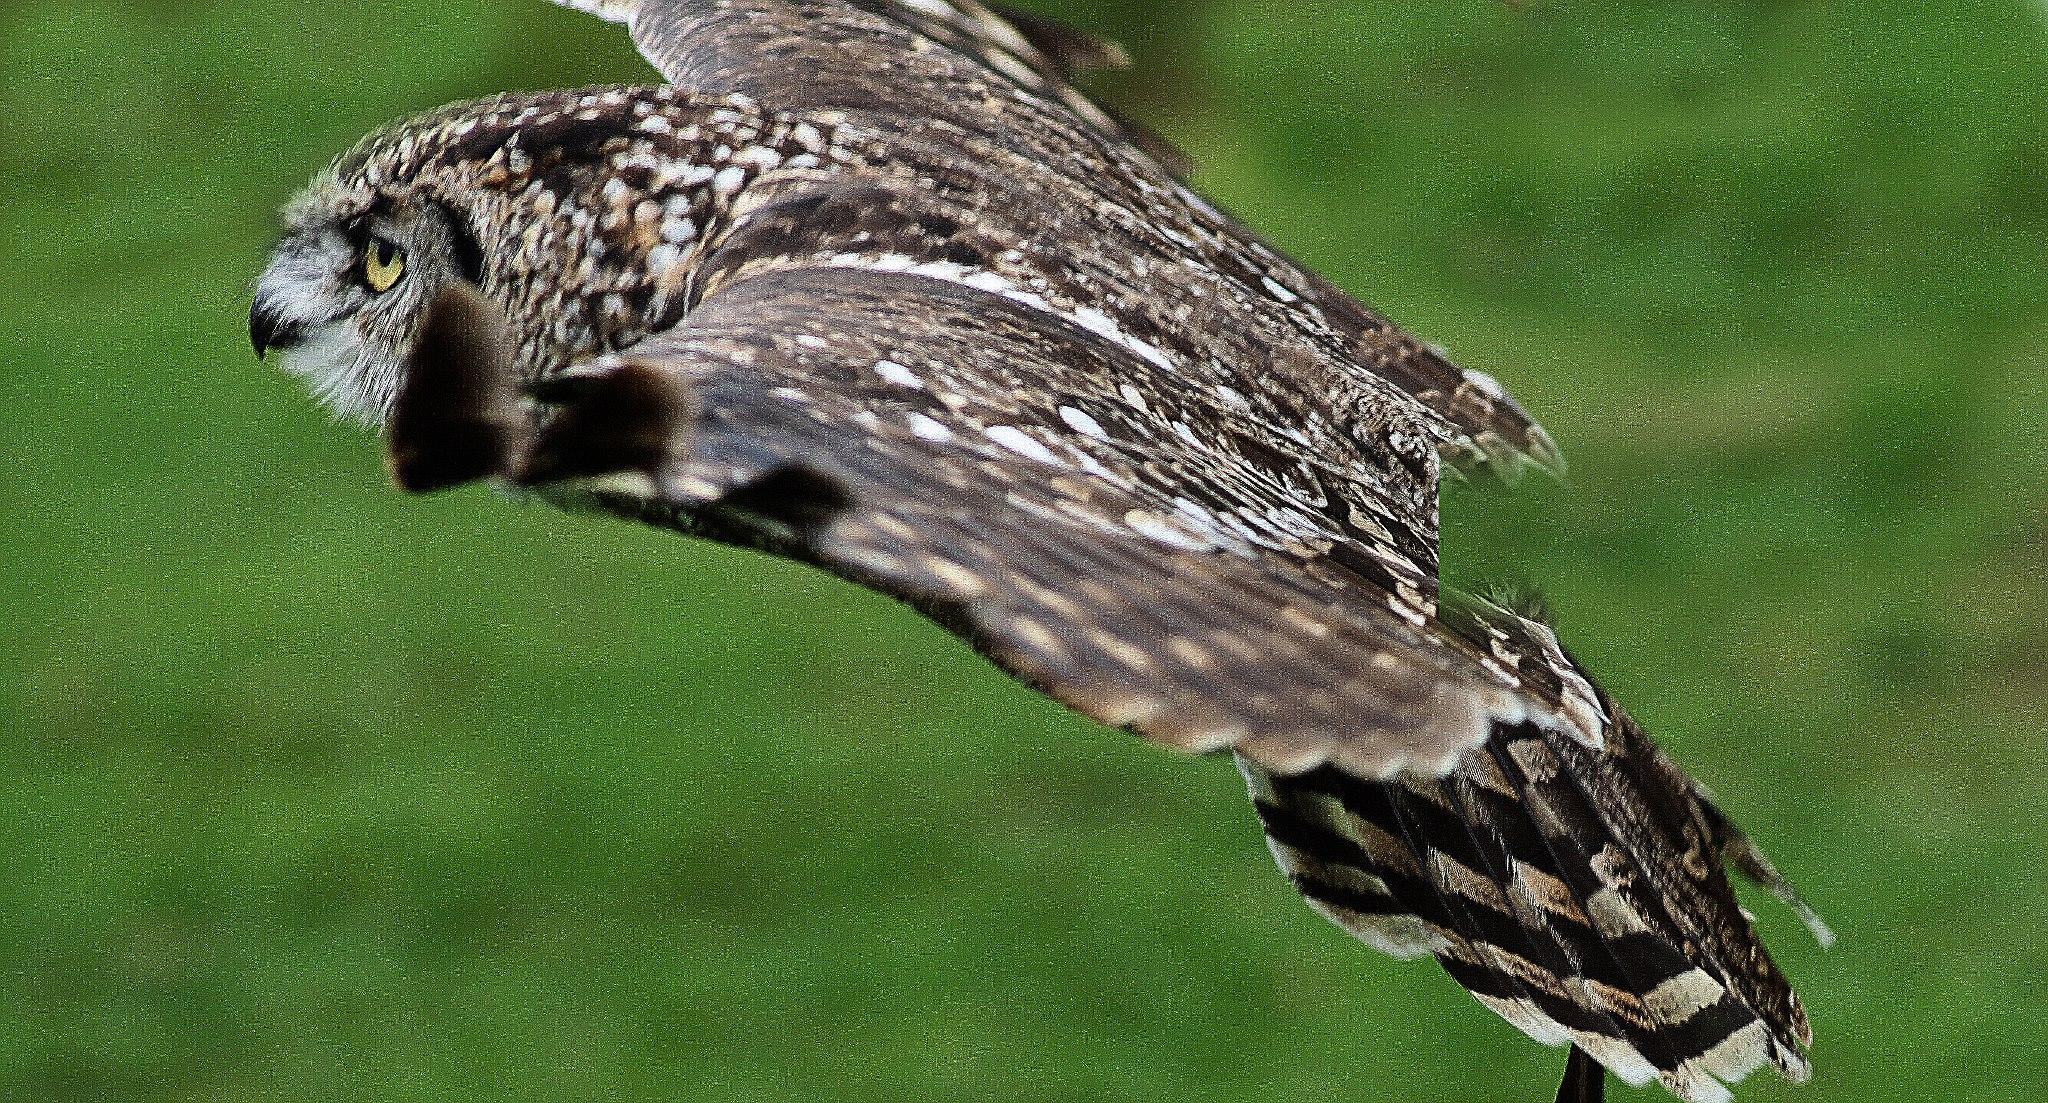 birds of prey - Exmoor 4 all